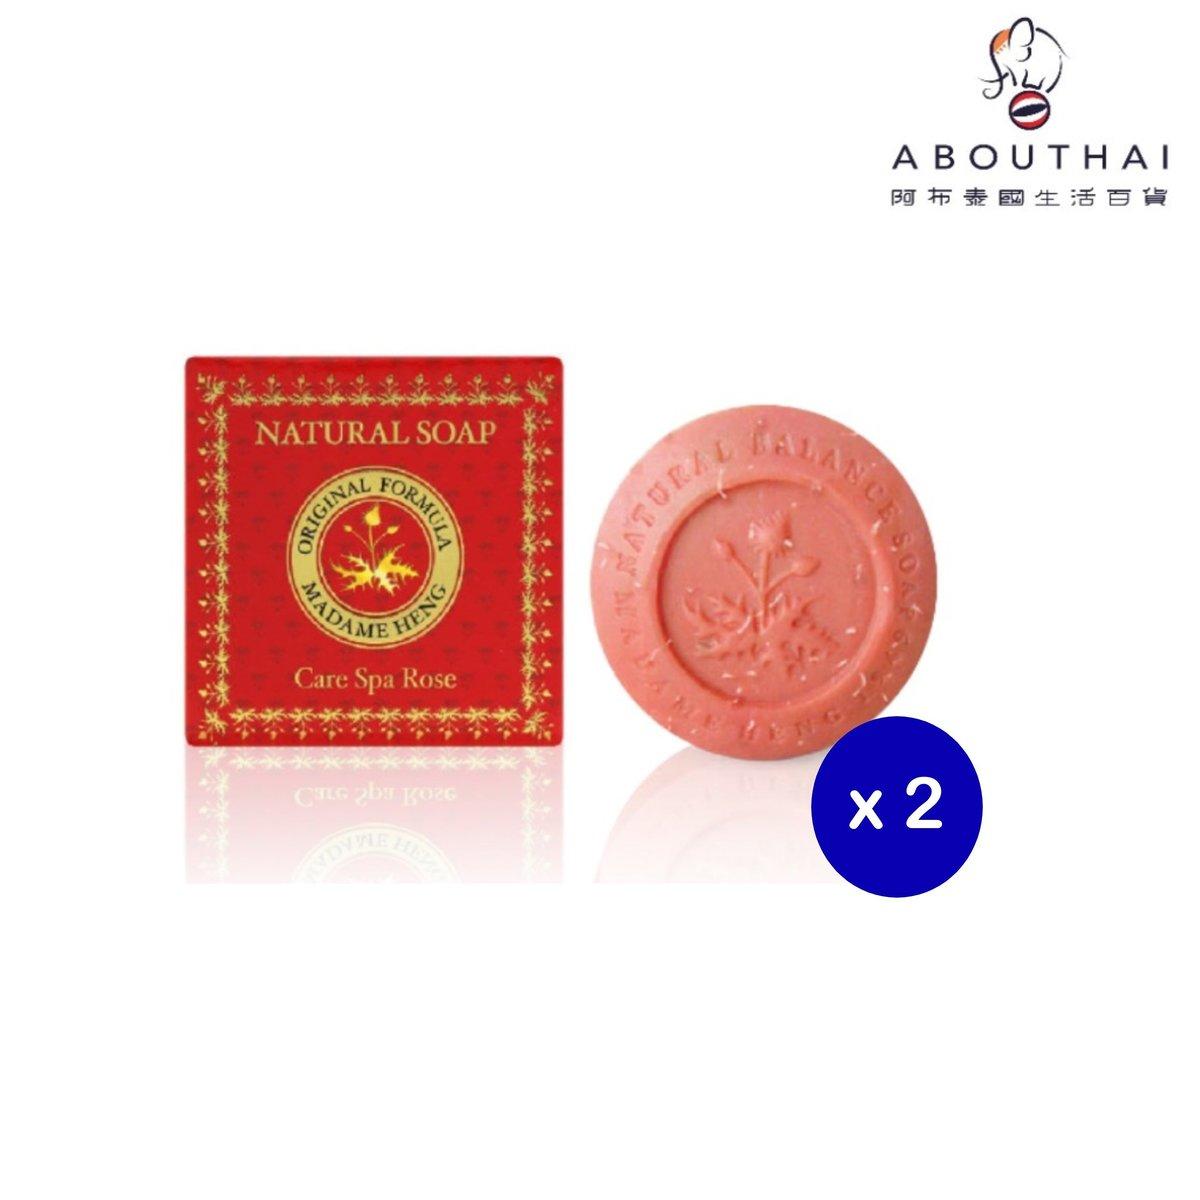 草本平衡精油皂 - 玫瑰 150g x 2pcs